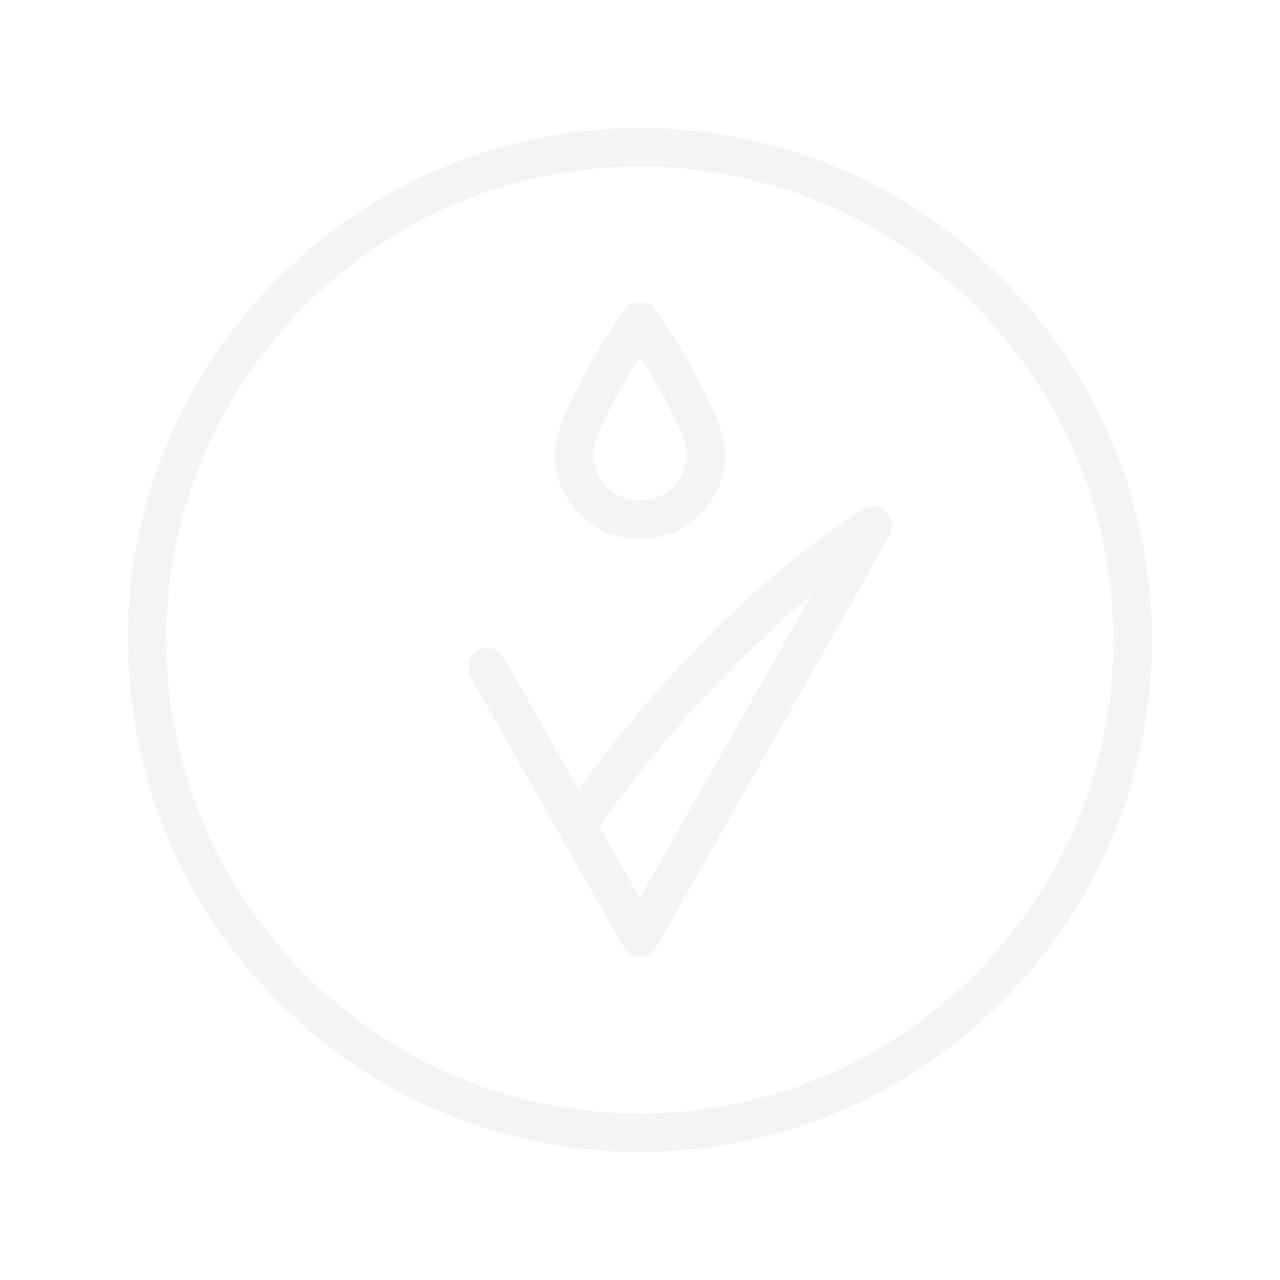 MEN-Ü Citrus & Mint Shower Gel 500ml